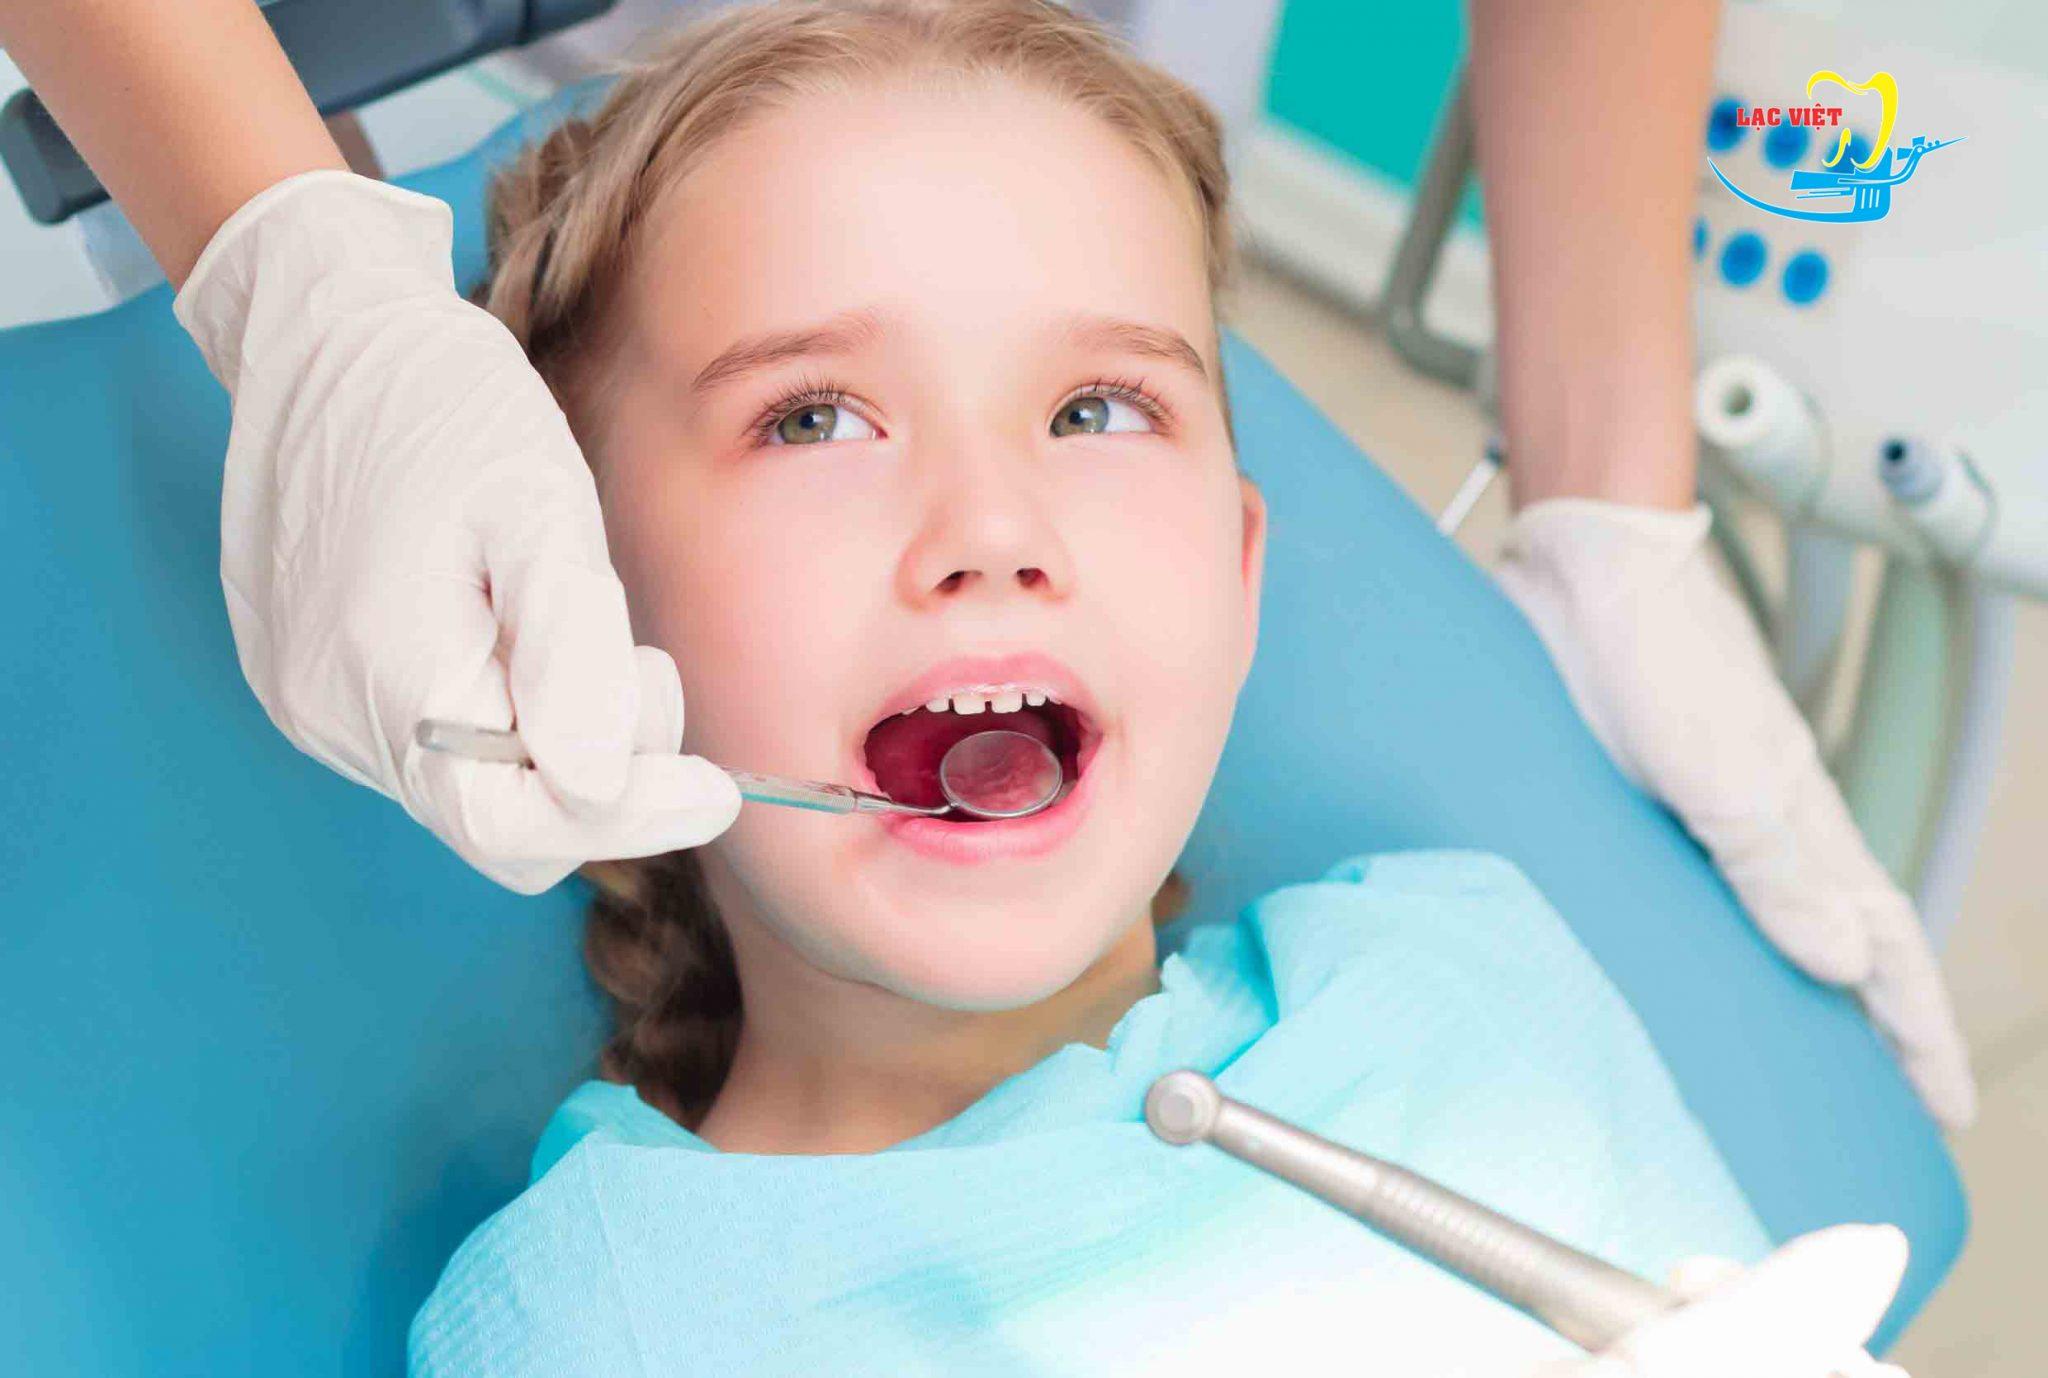 Tẩy trắng răng không áp dụng cho đối tượng trẻ nhỏ